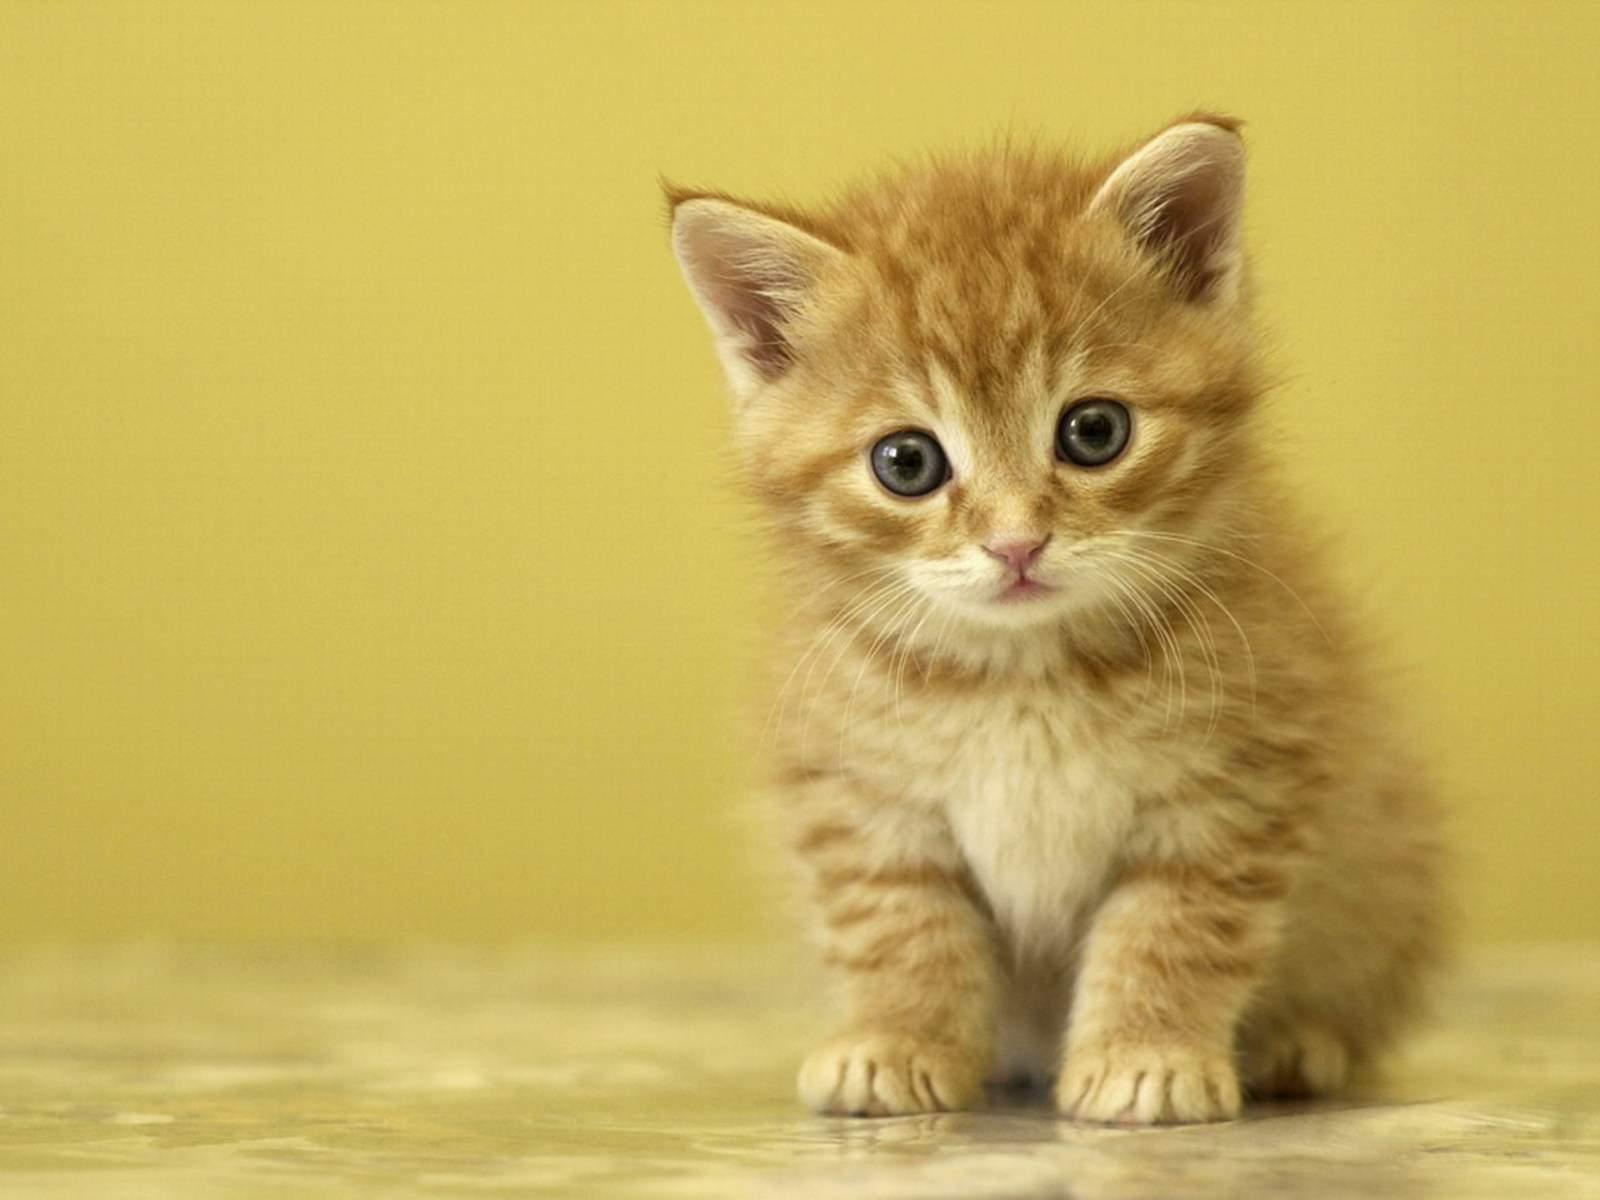 gambar kartun kucing lucu gambar kucing